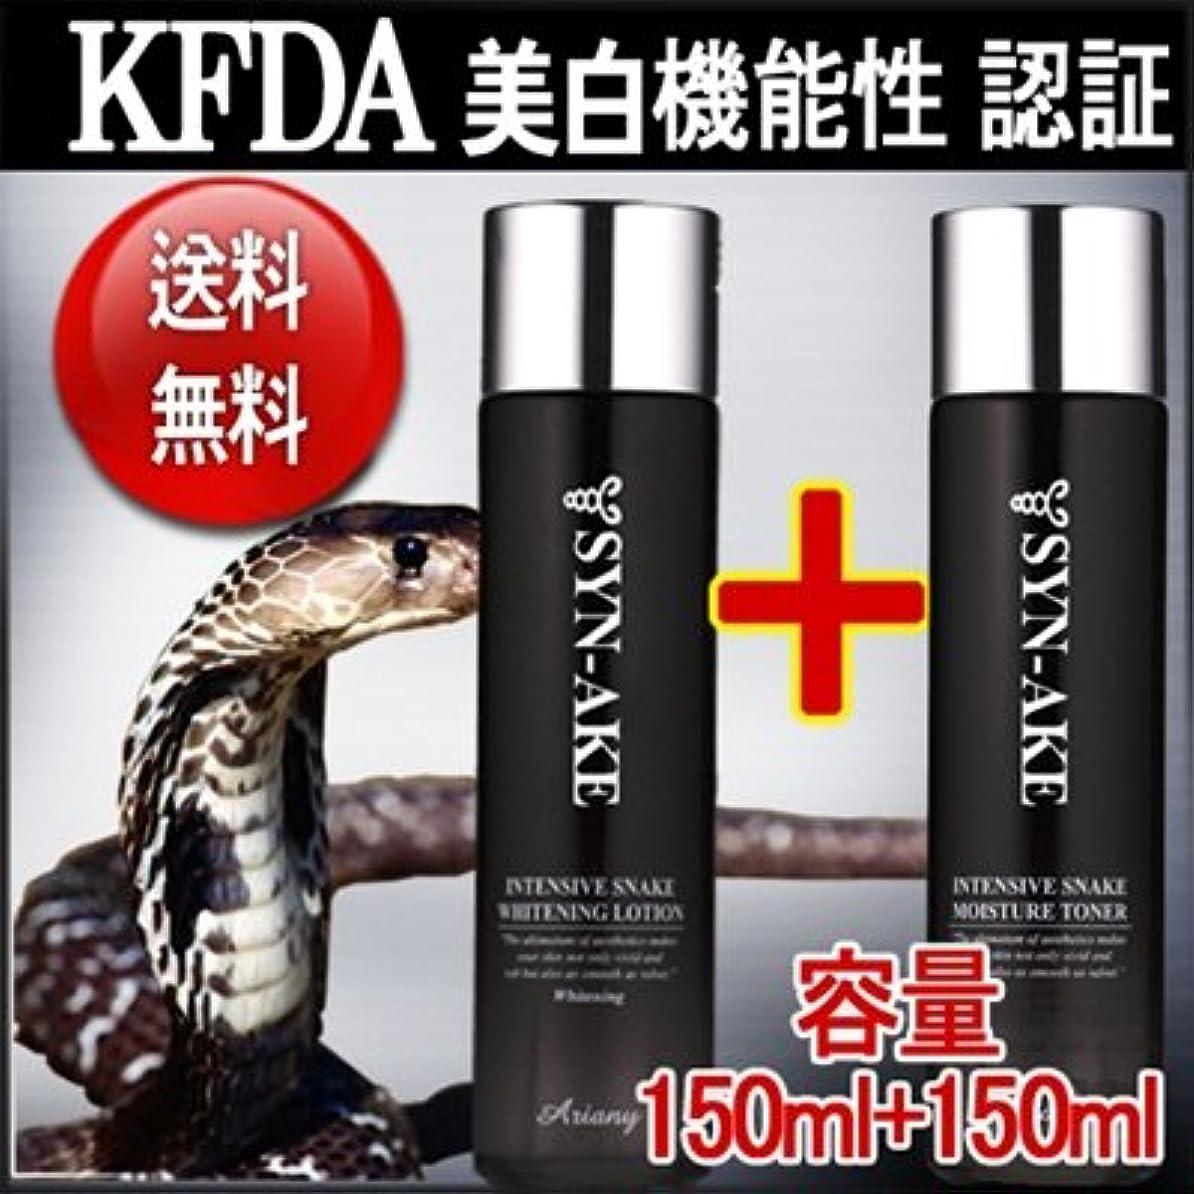 ボス餌船上韓国アリアー二 (Ariany) 蛇毒/ 毒蛇化粧水&乳液2種セット